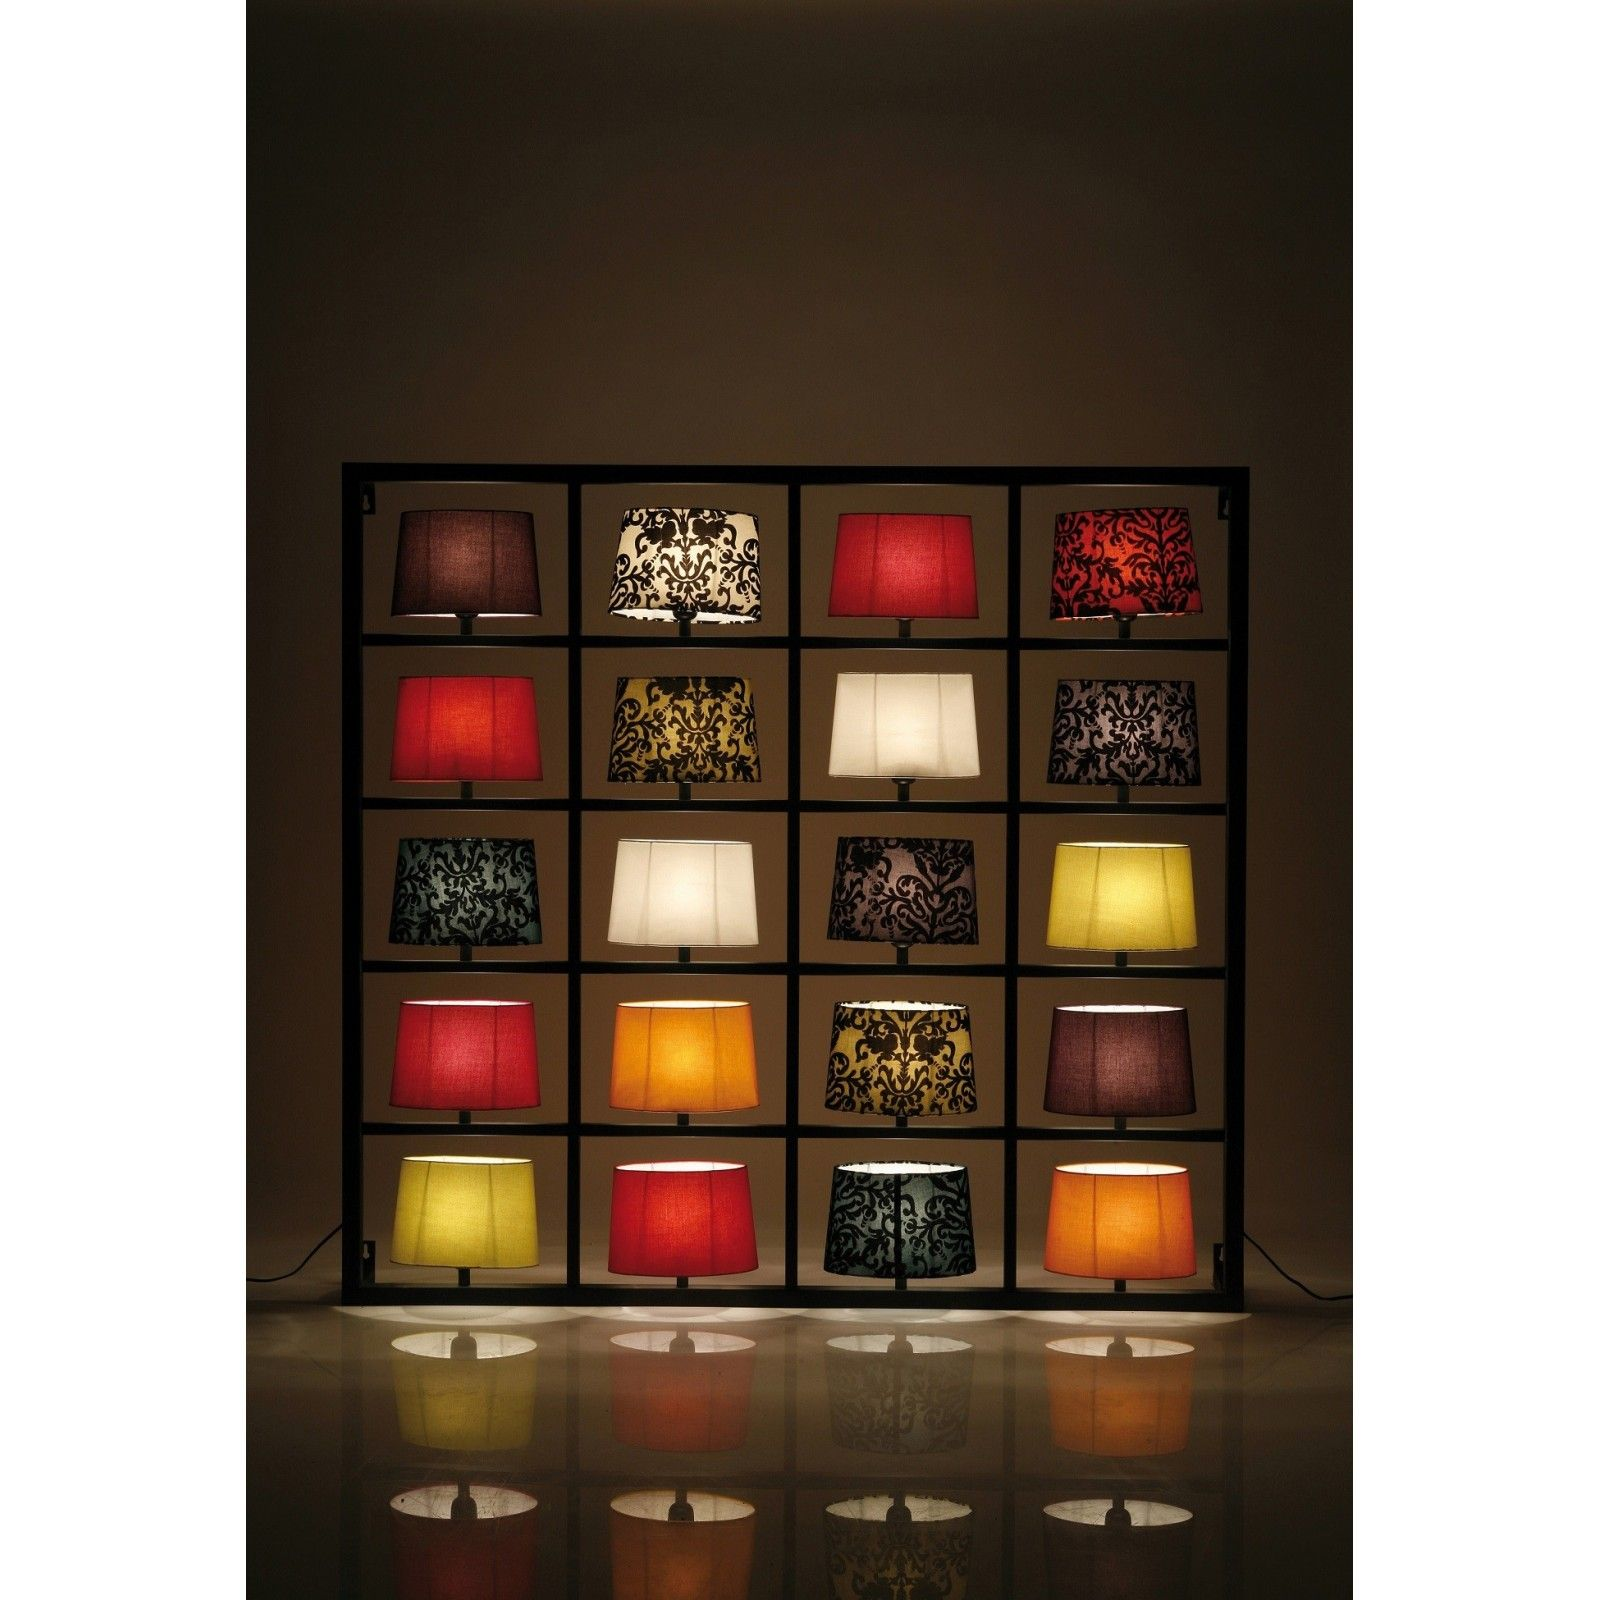 La Parecchi Maison Kare DesignDecoration Applique 138cm Pour XiuPOkZT